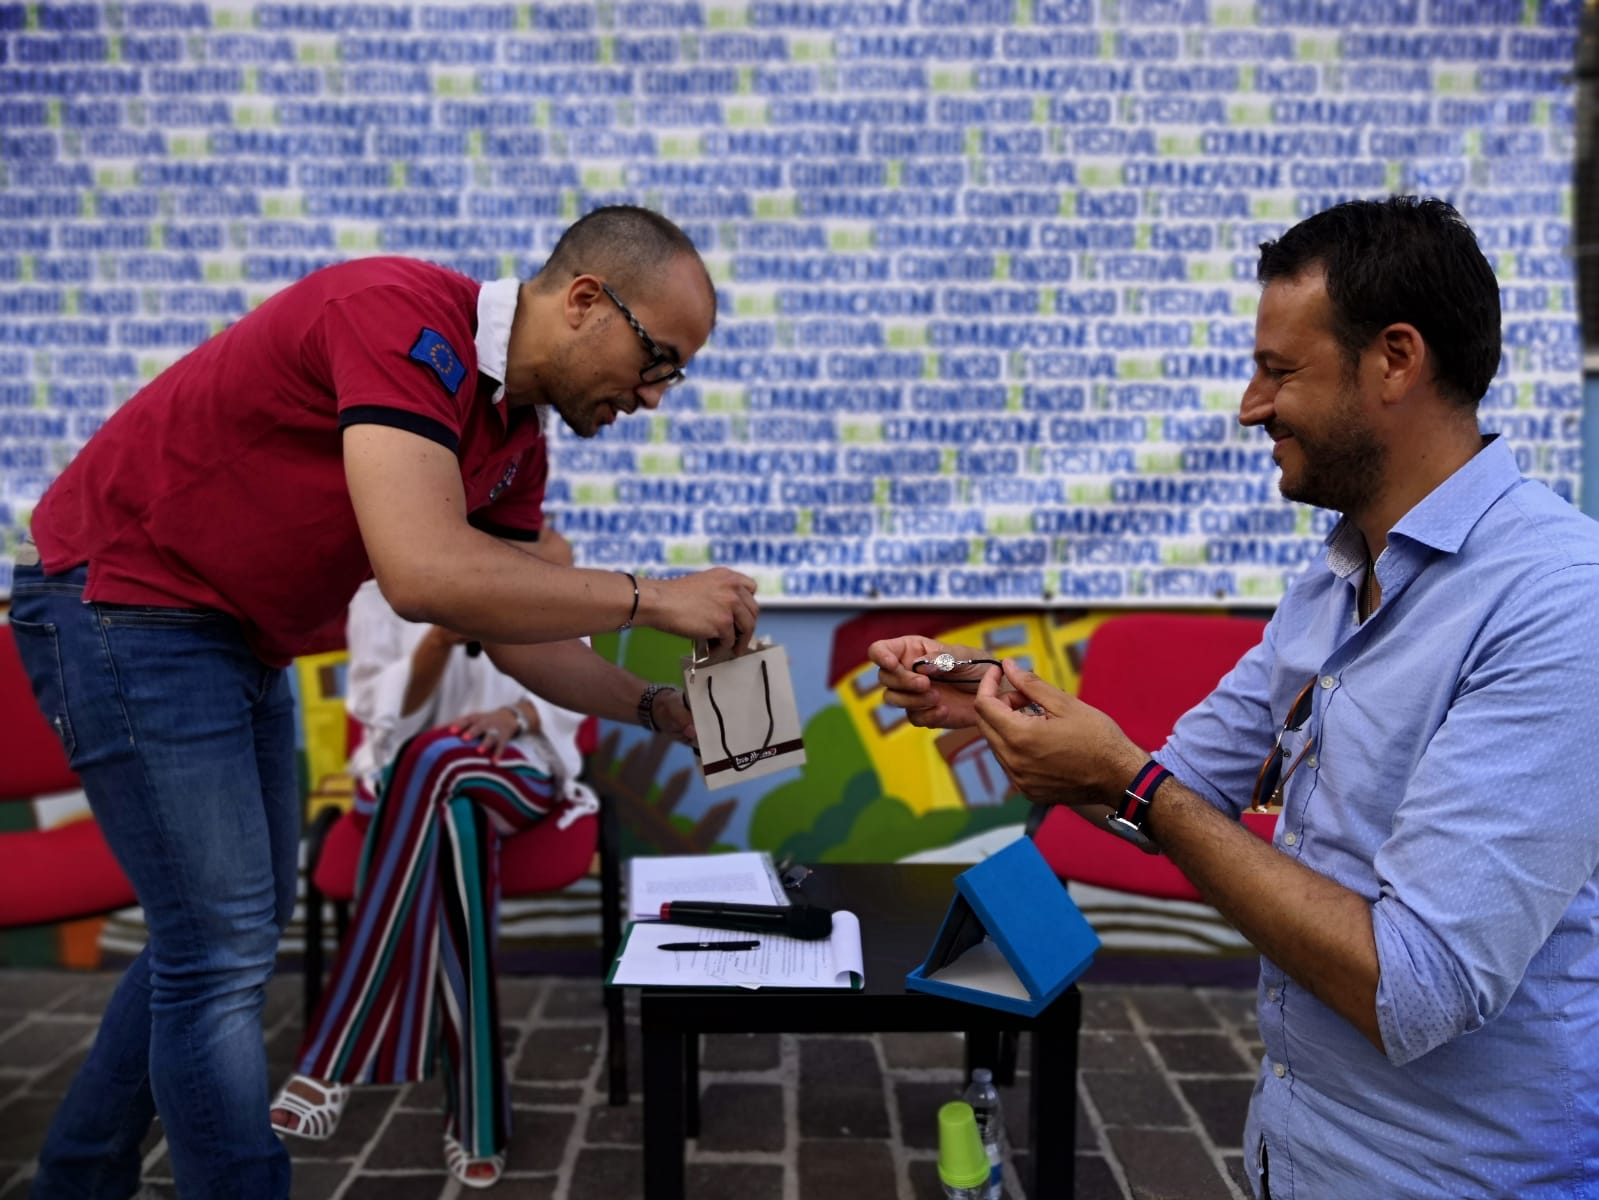 Premio Letteriario Festival della Comunicazione Controsenso (3)